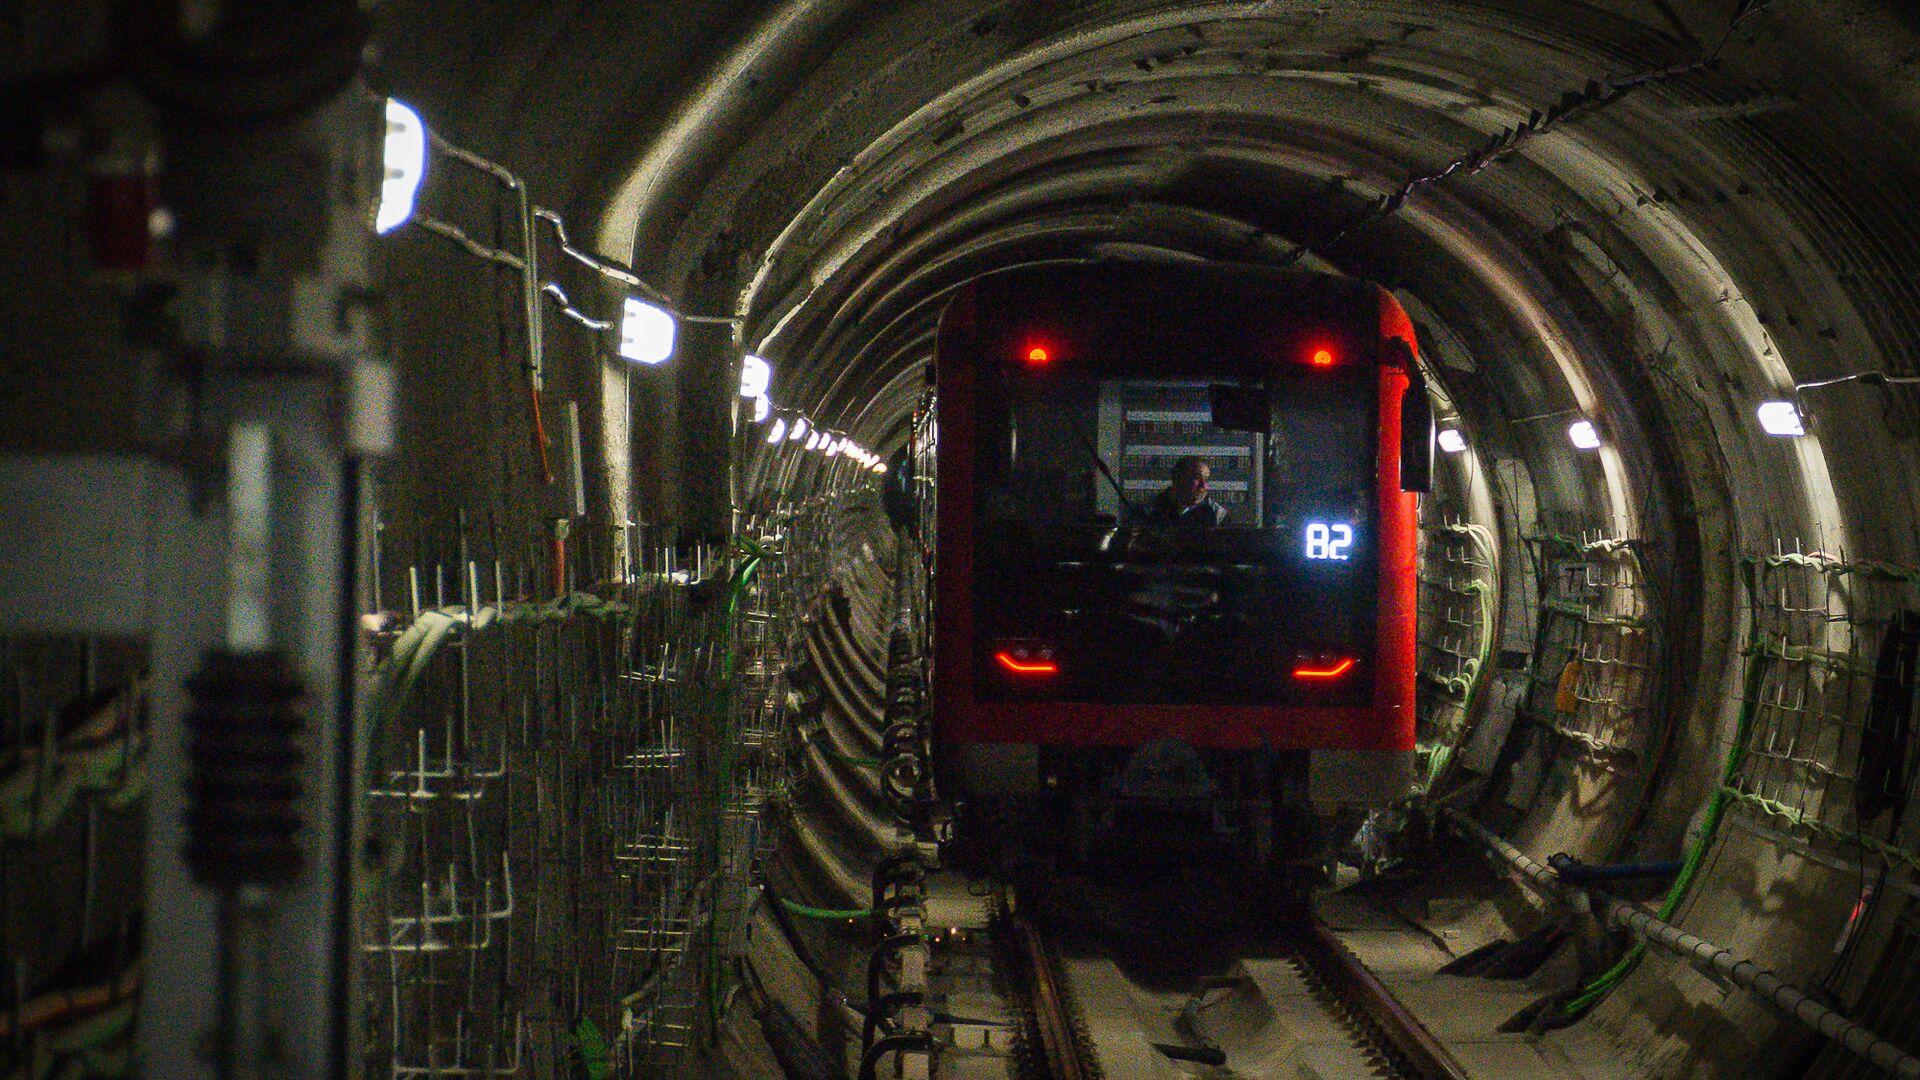 Вагон поезда метро Тбилиси в тоннеле - Sputnik Грузия, 1920, 12.09.2021